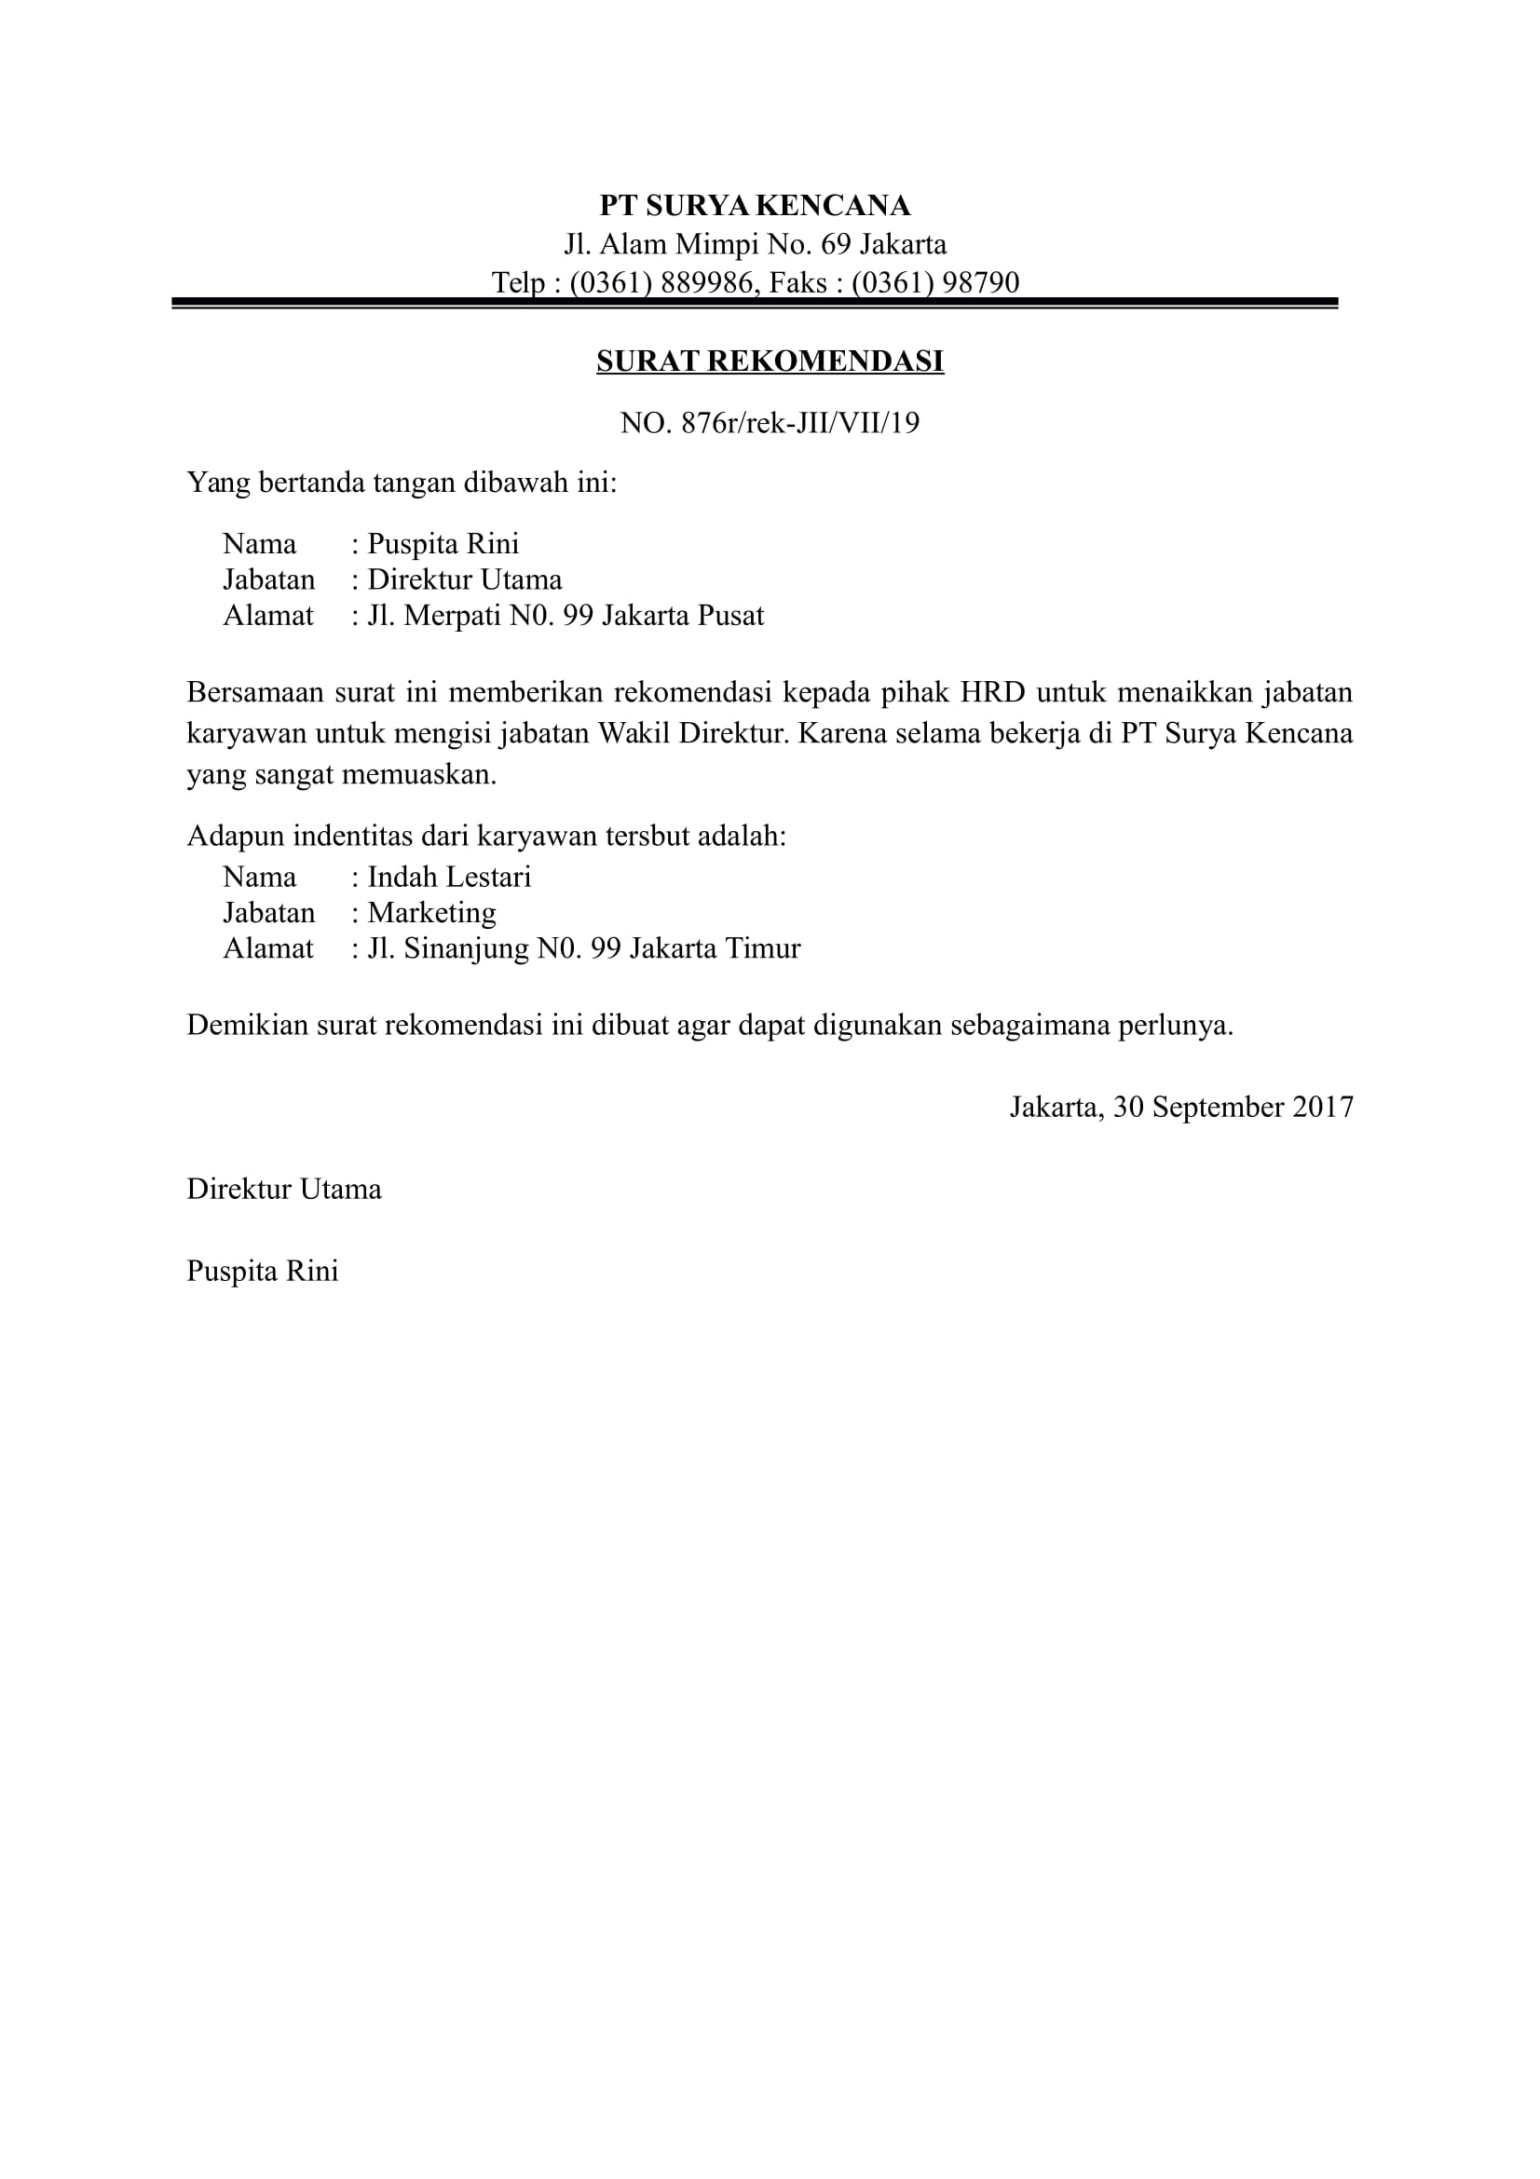 Contoh Surat Rekomendasi Surat Tanda Nama